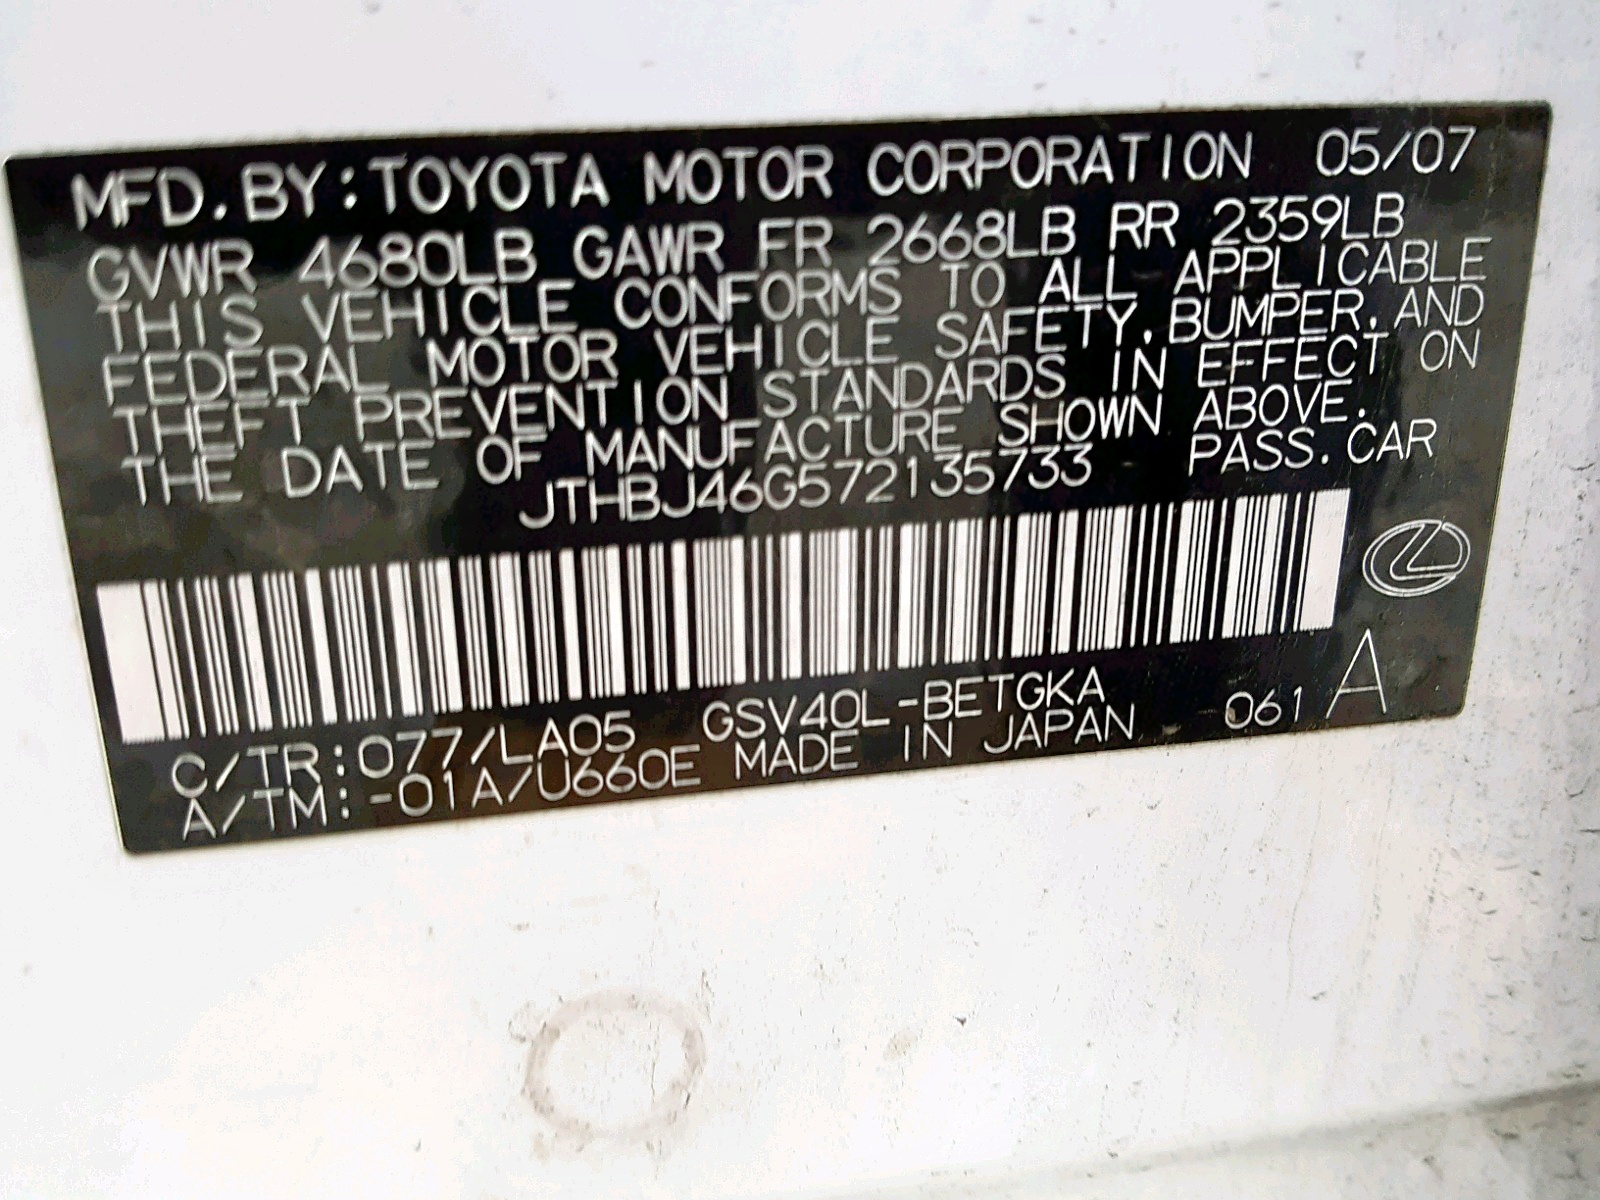 2007 Lexus Es 350 3 5L 6 in CA - Antelope (JTHBJ46G572135733